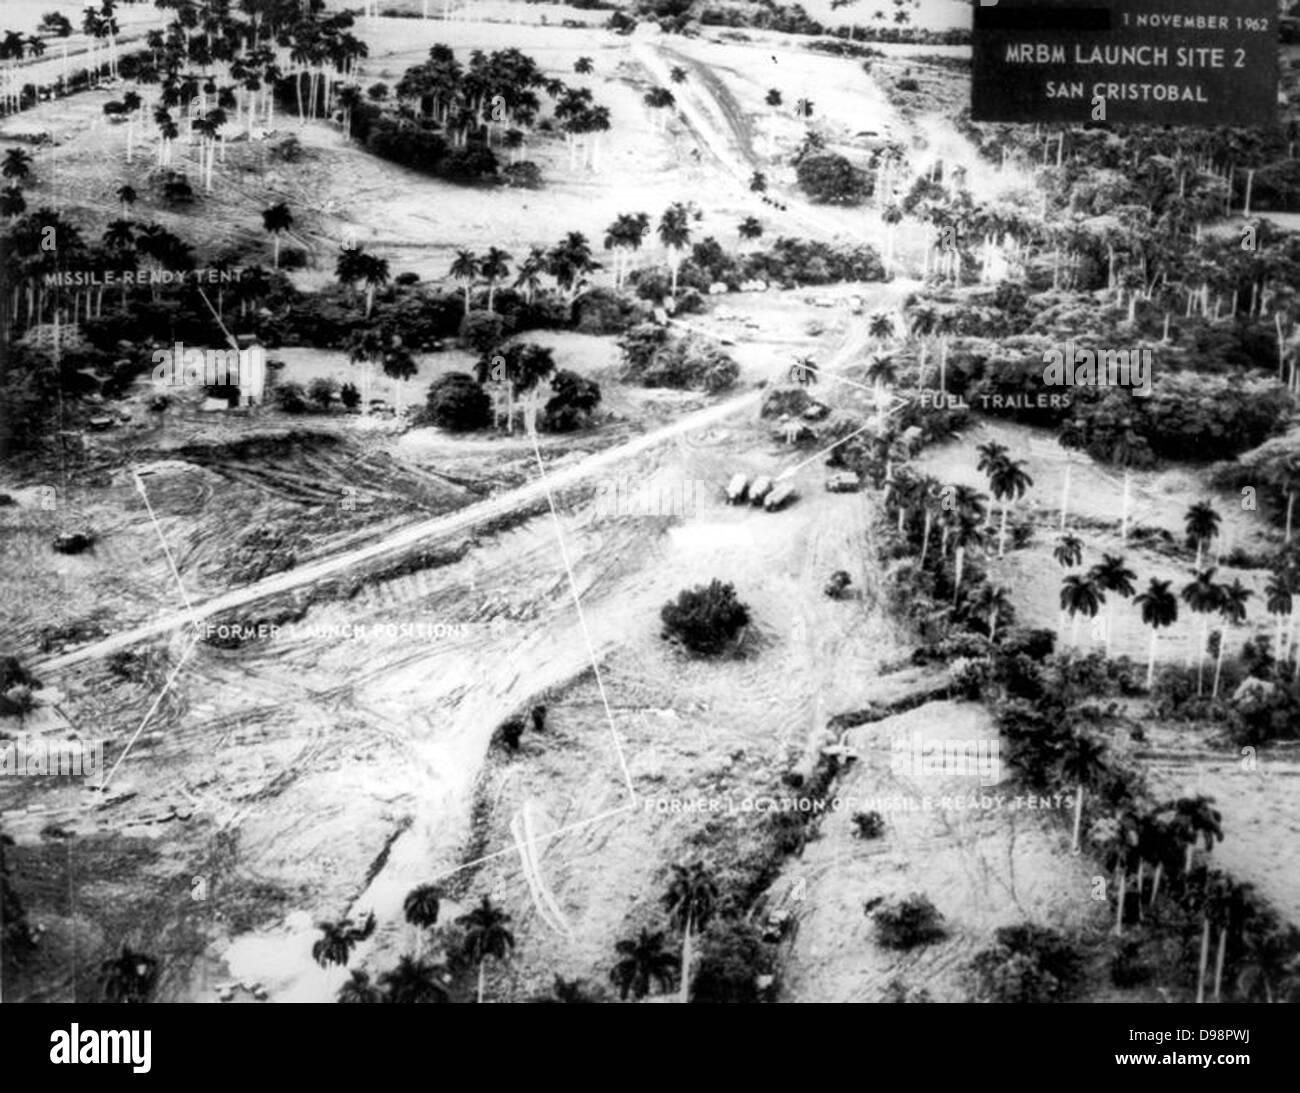 Guerra Fría: la crisis de los misiles cubanos. Vista aérea de la Federación de mediano rango 2 sitio Imagen De Stock